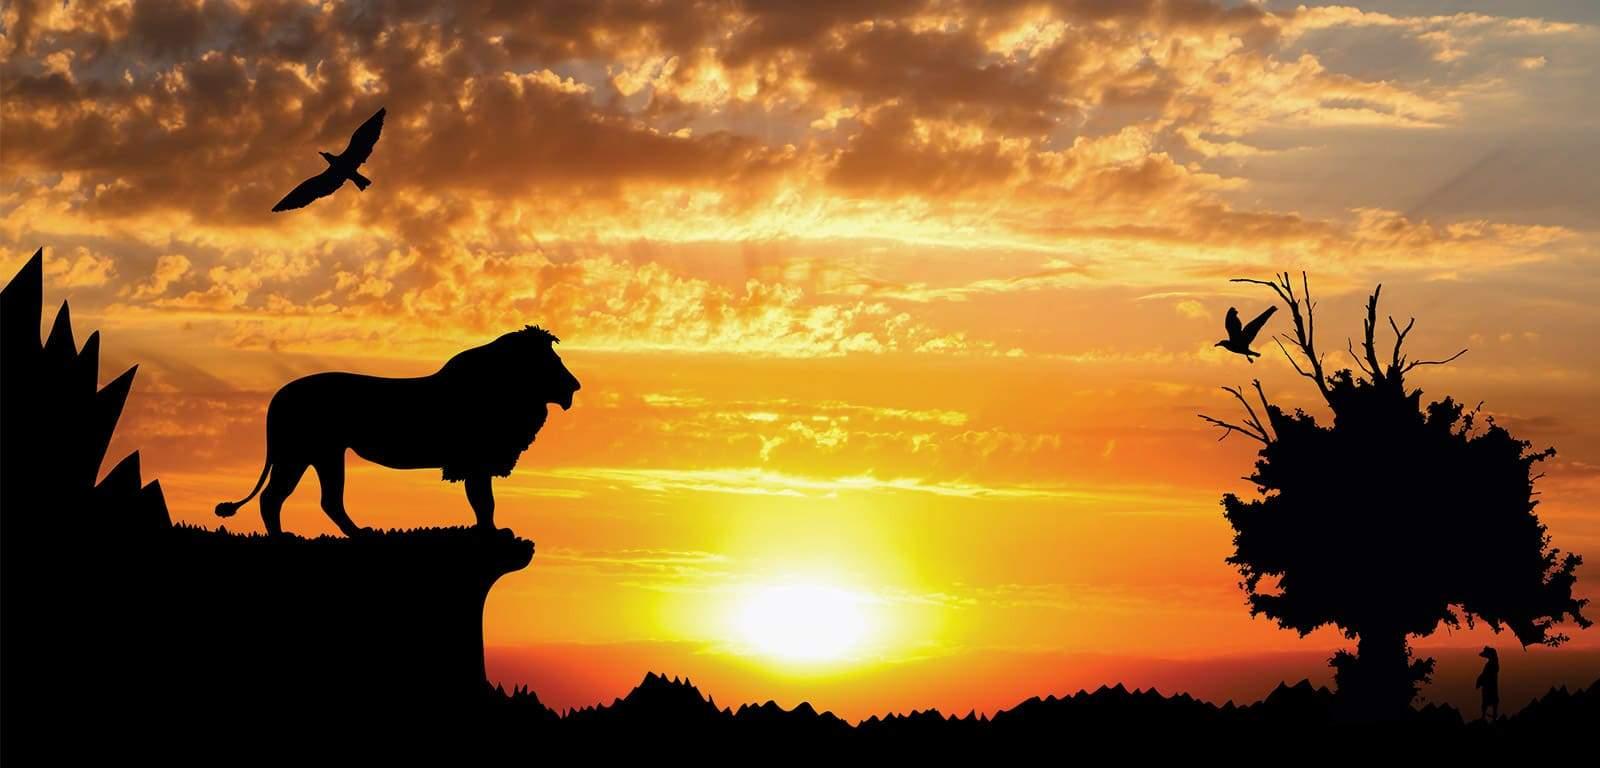 Paysage-de-l'afrique-au-couché-du-soleil-avec-un-lion-installé-en-hauteur-et-des-oiseaux-et-singes.